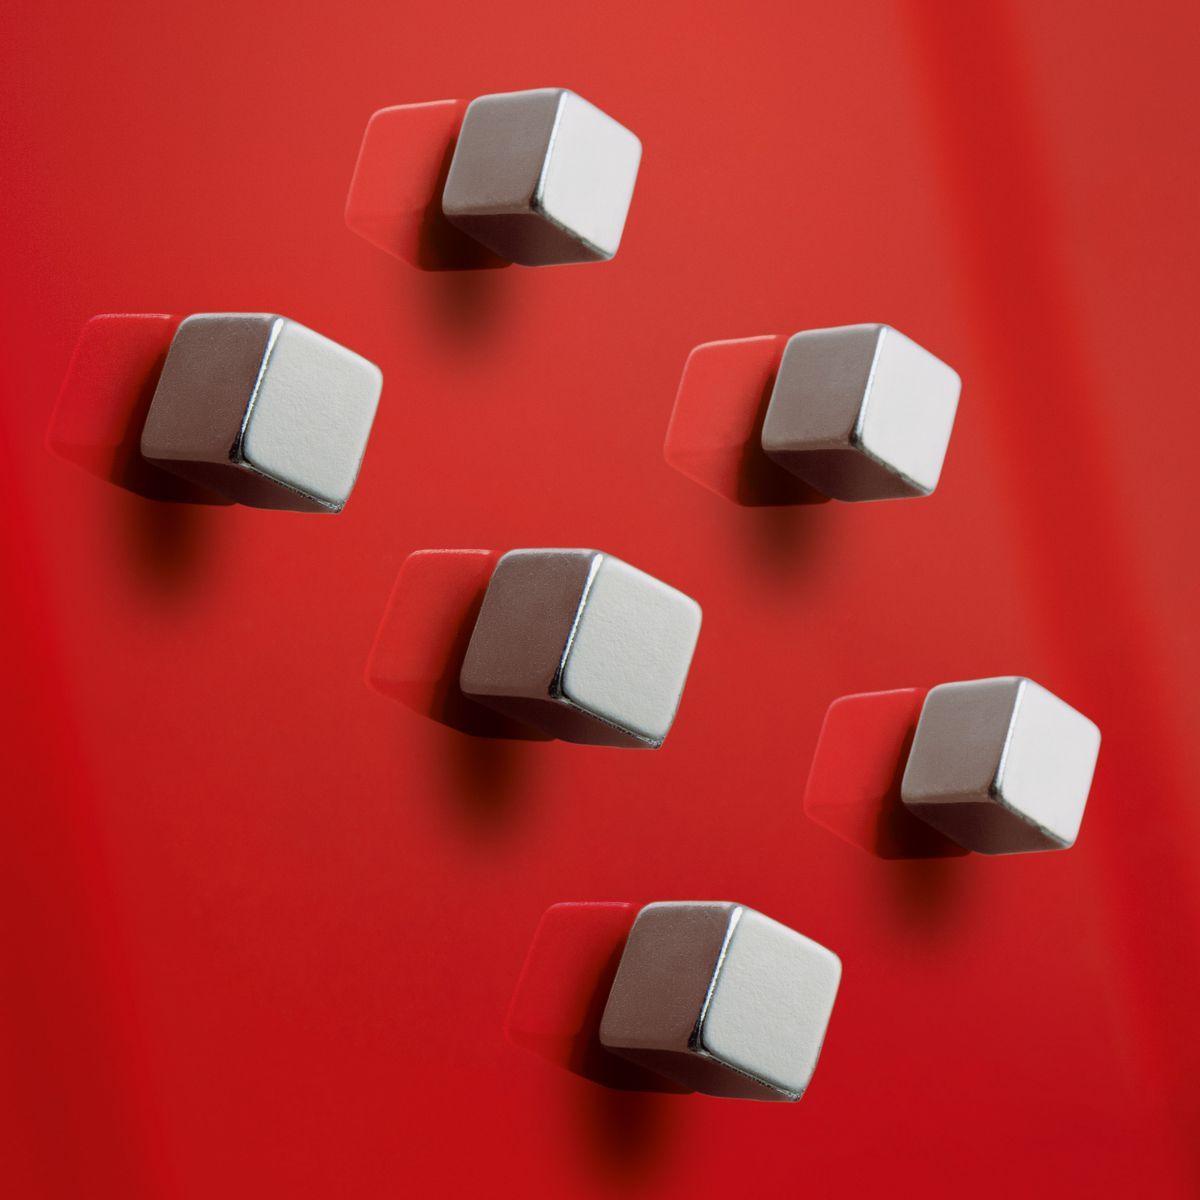 Магнит для досок Sigel Artverum Кубик, 0А-I0001885, серебристый, 6 шт